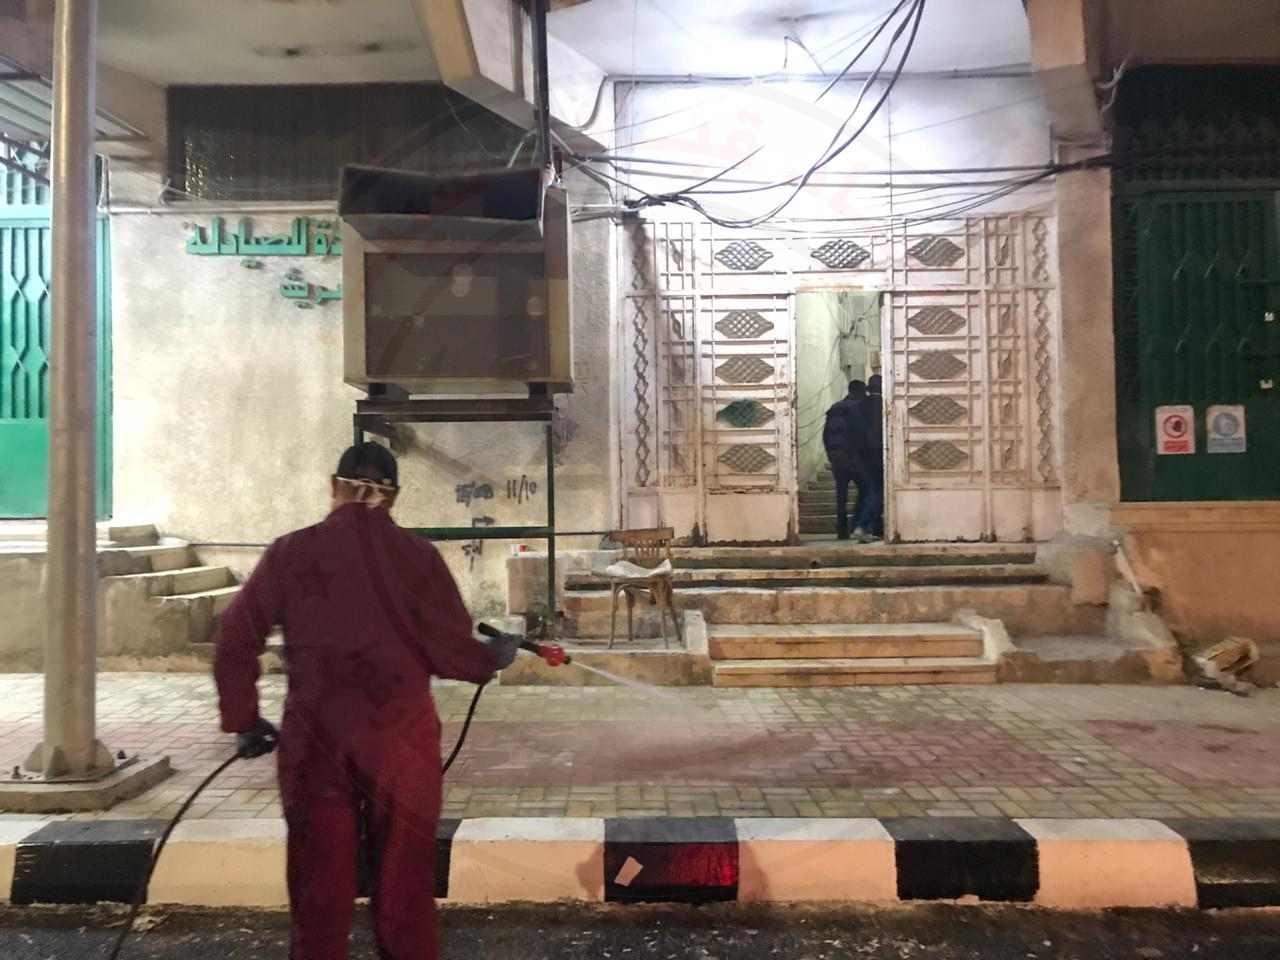 محافظ شمال سيناء يطلق أعمال تعقيم مدينة العريش2 - وكالة سيناء نيوز